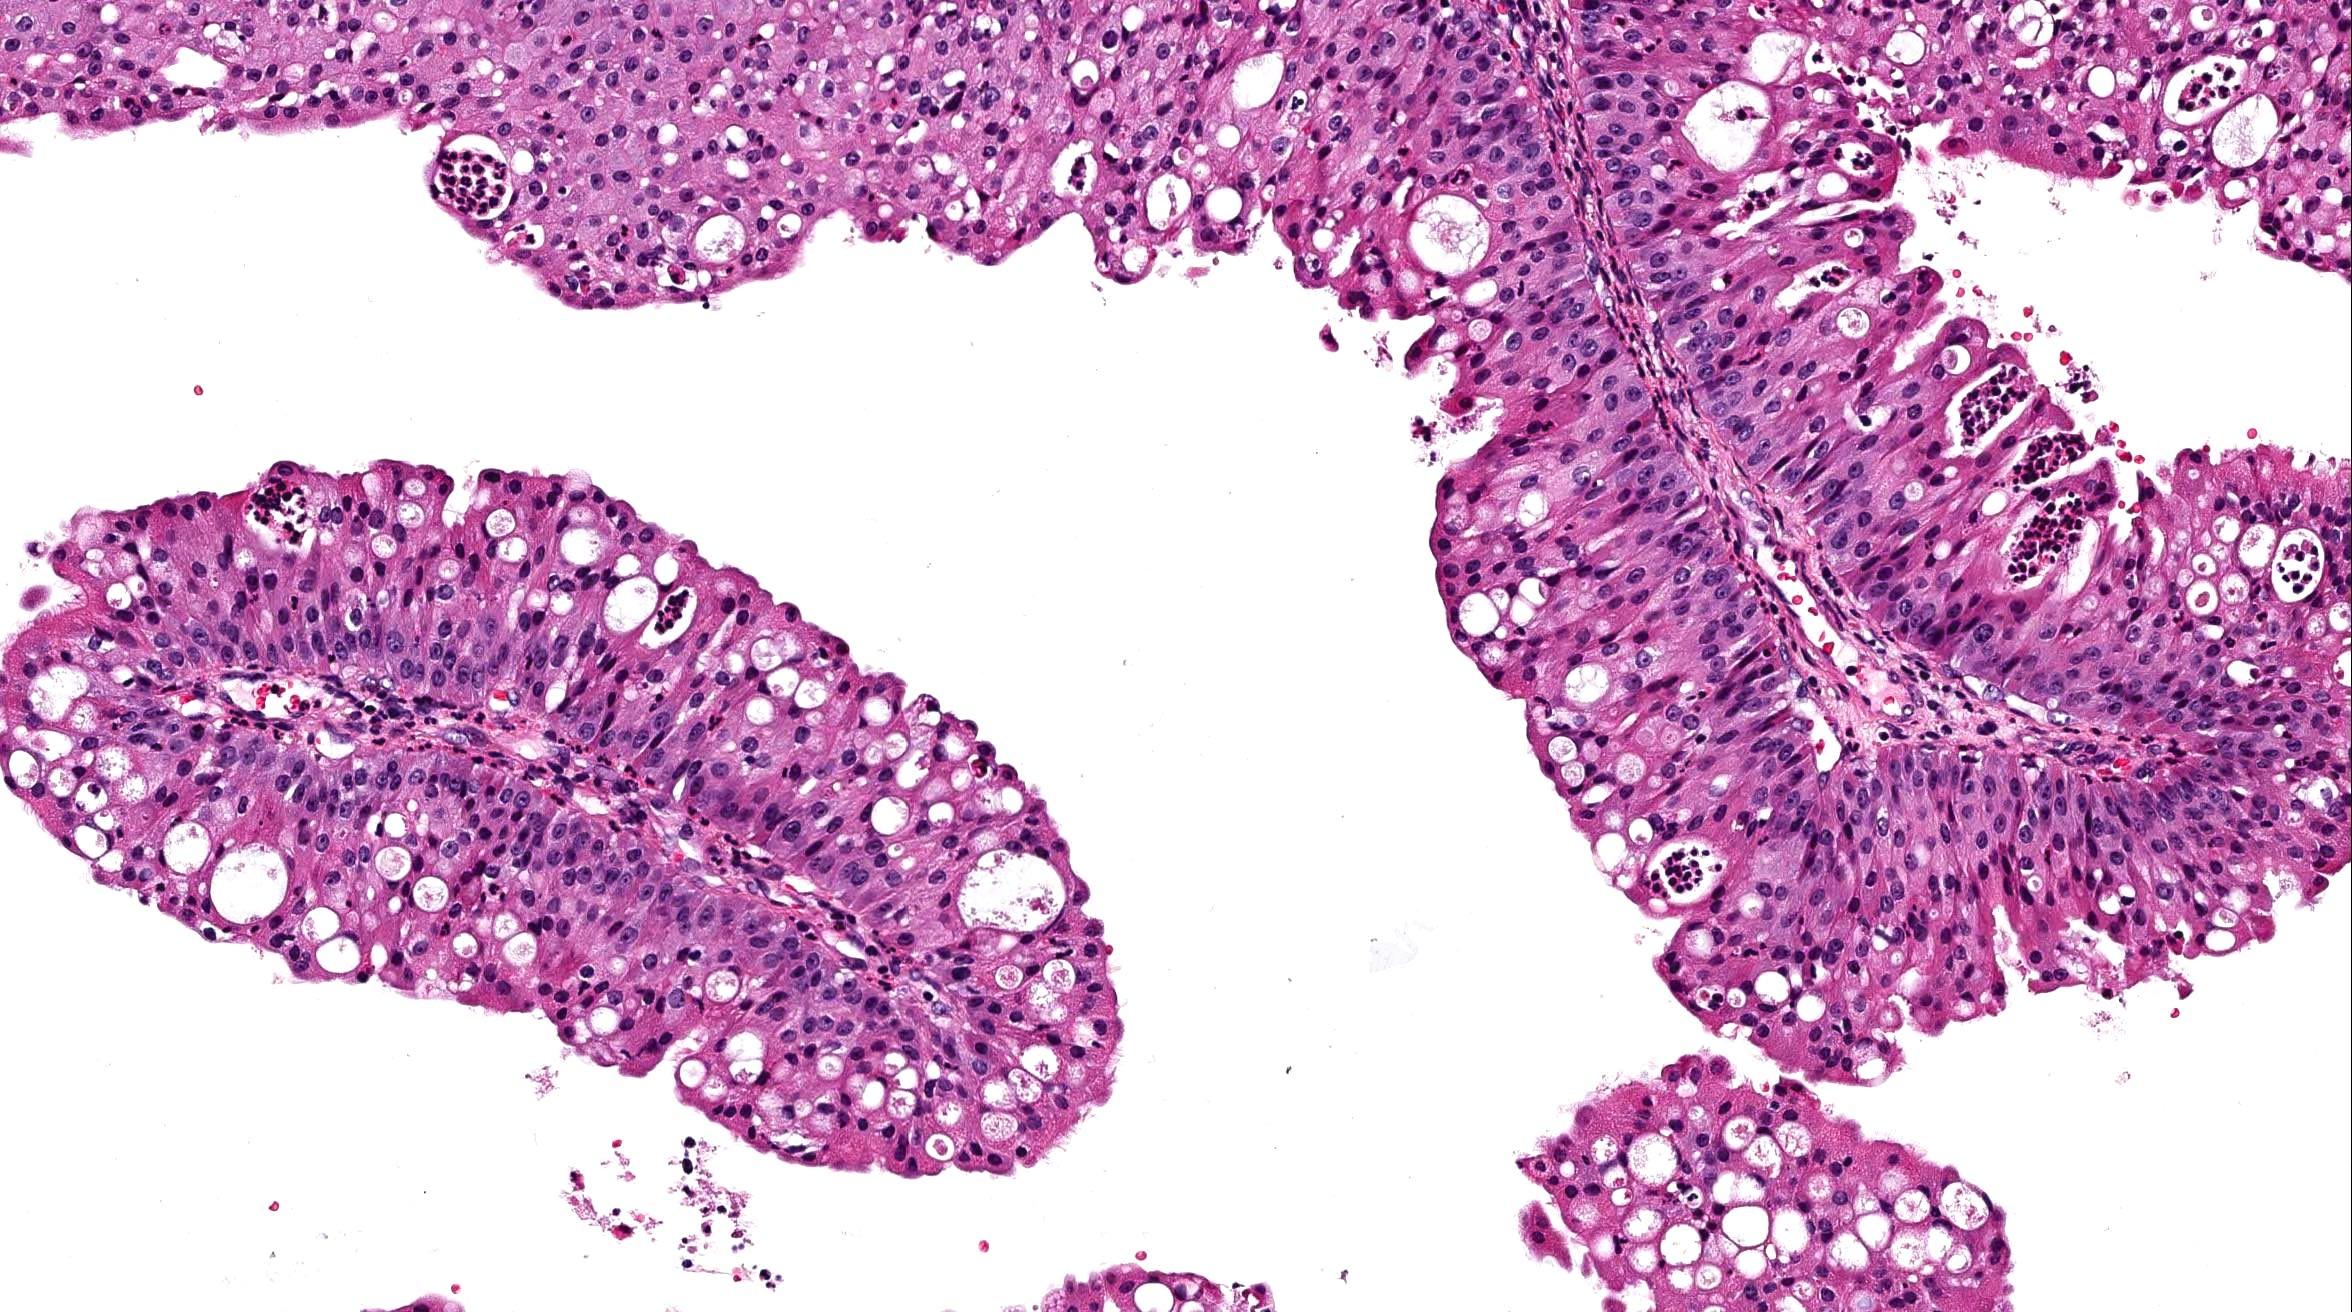 papiloma esofagico es cancer papiloma tumor benigno